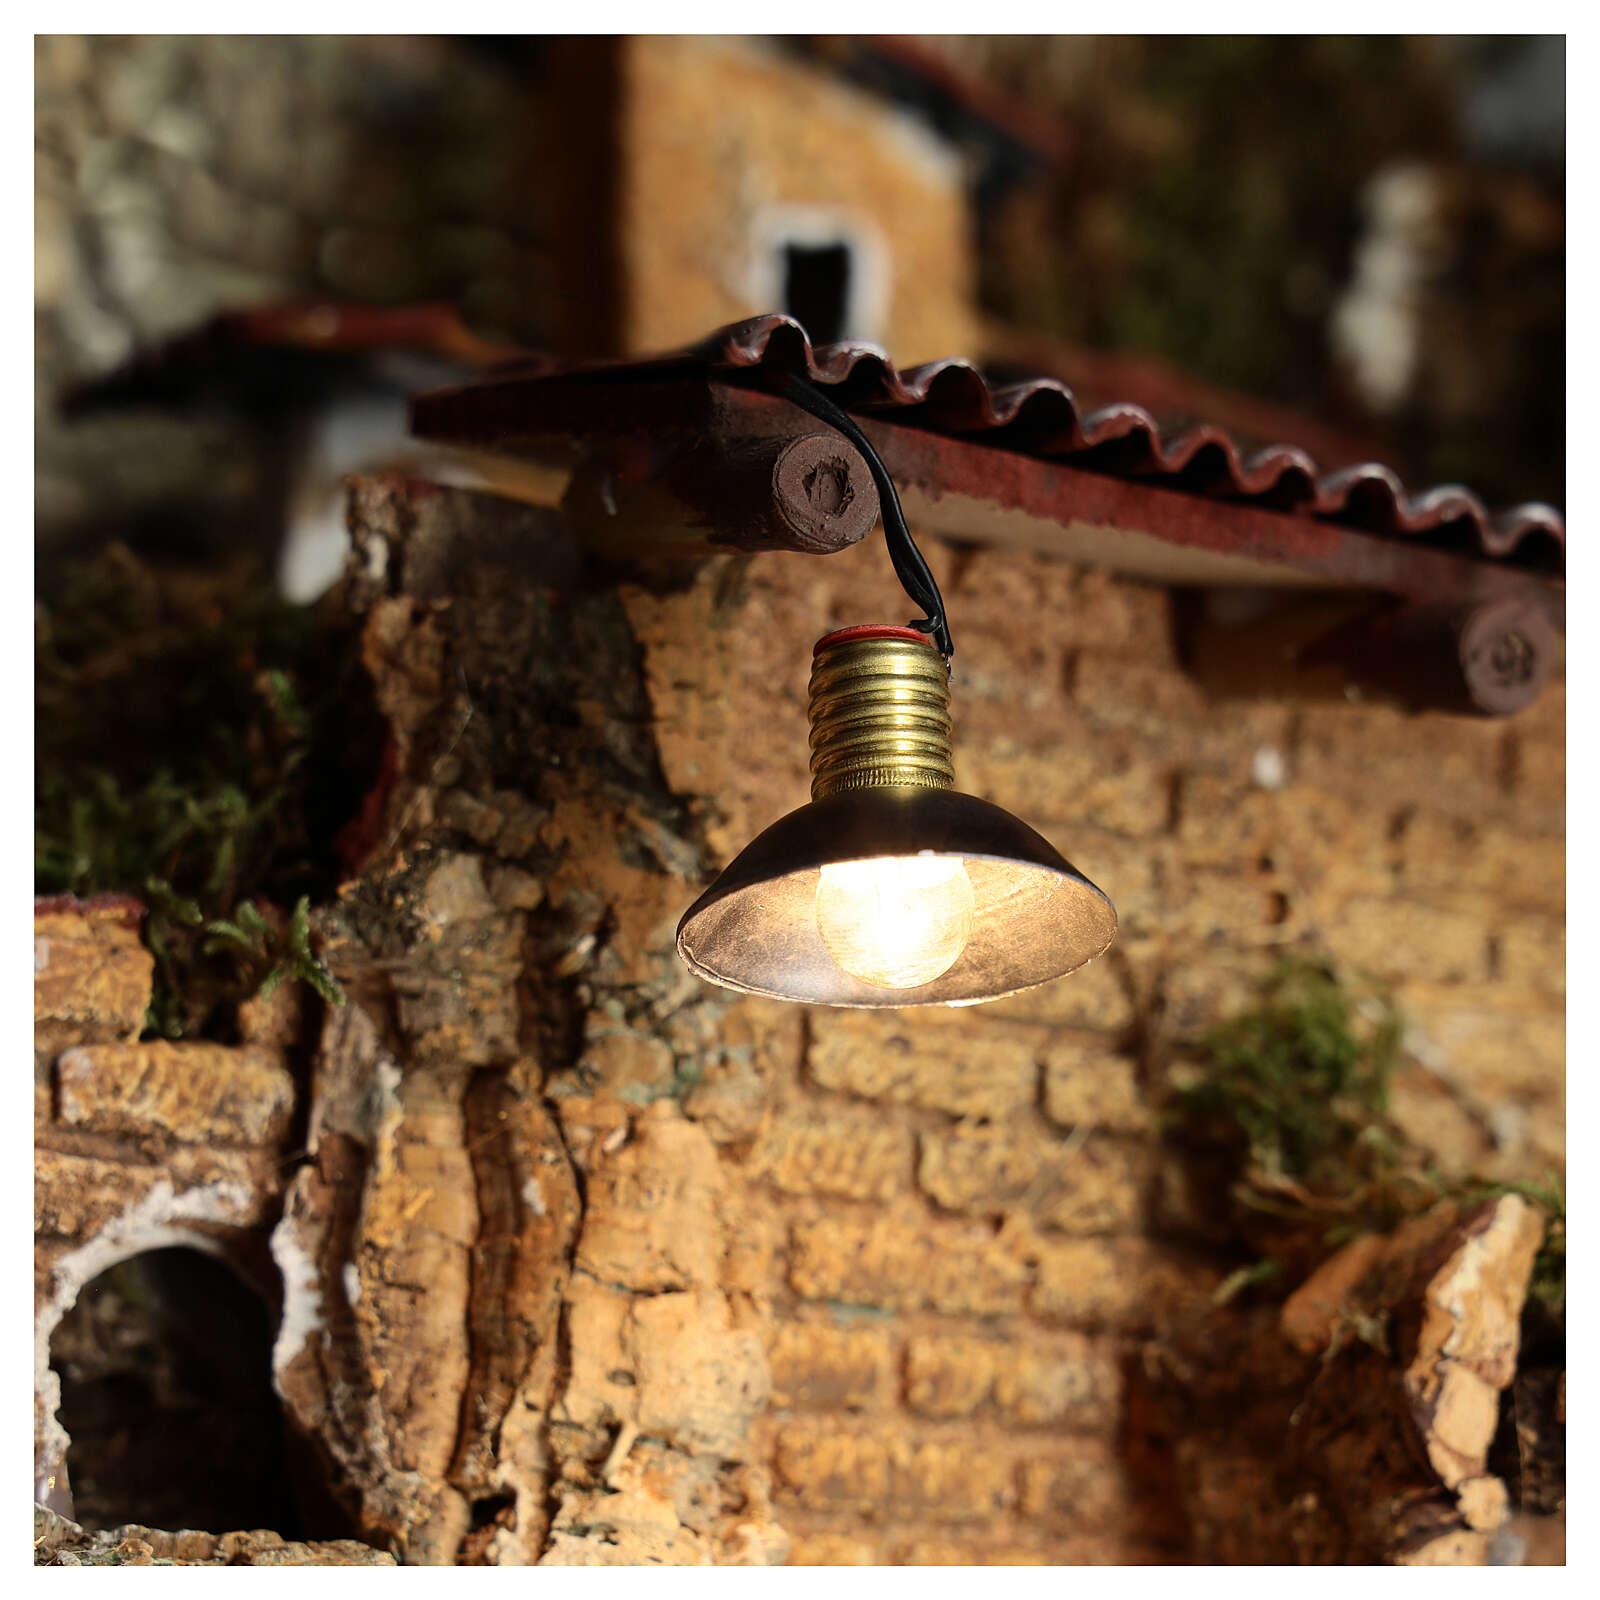 Lampe de rue avec abat-jour en métal 3,5V 3 cm crèche basse tension 4